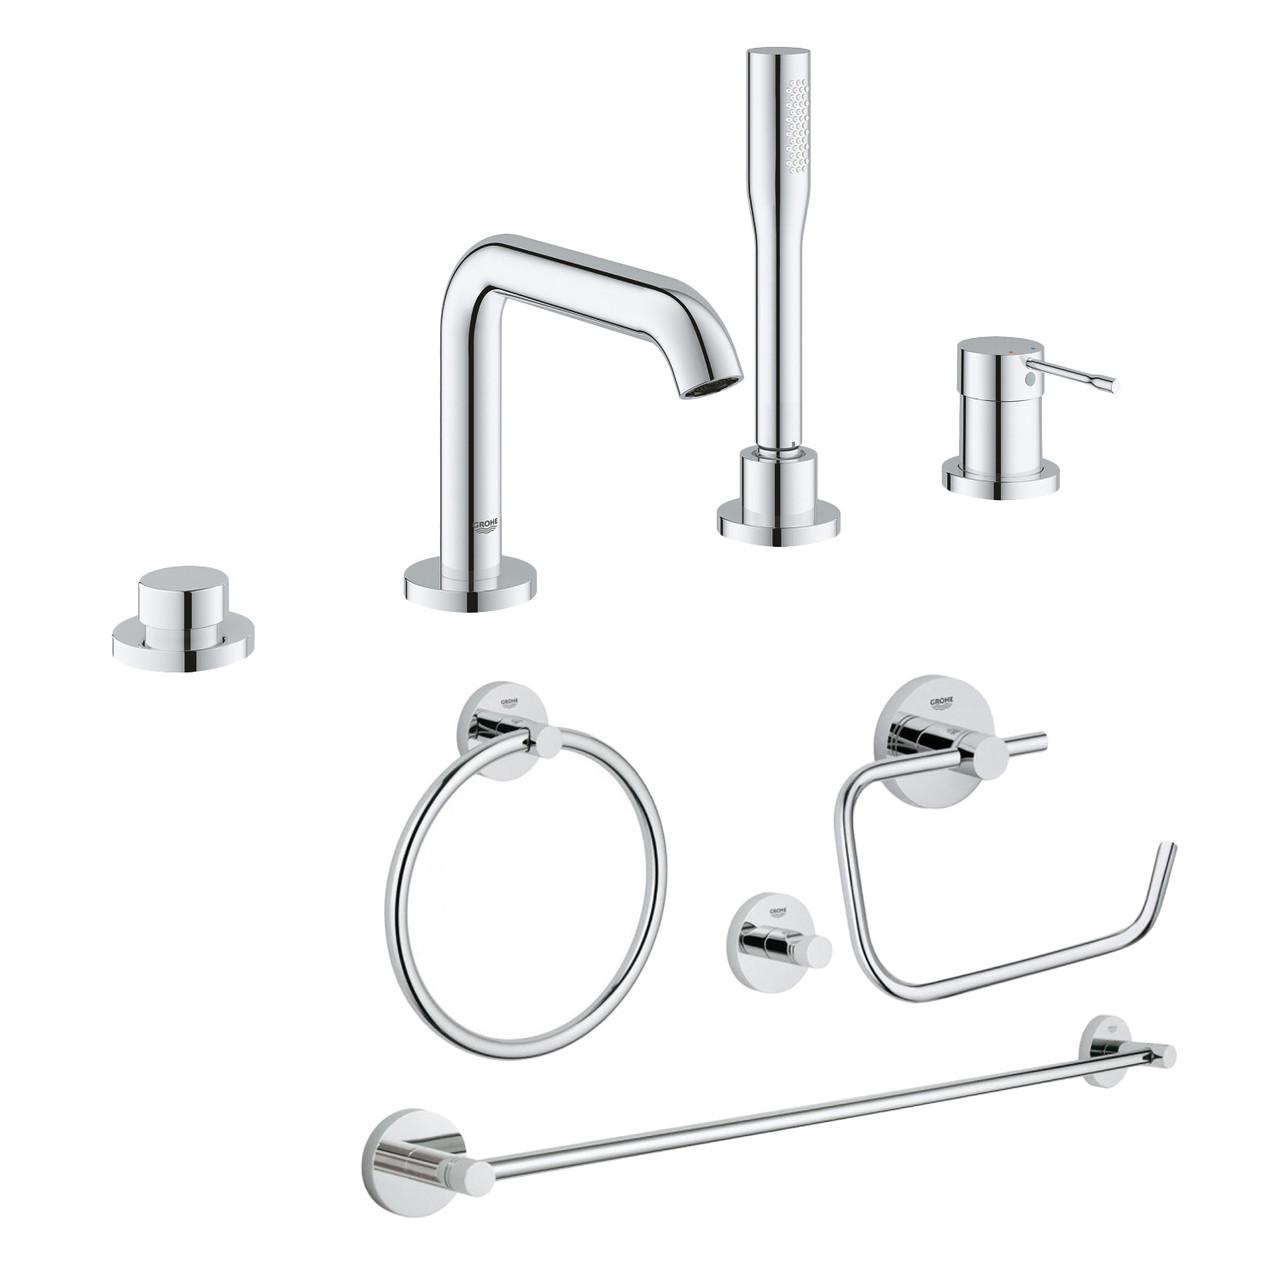 Комплект Grohe змішувач для ванни Essence 19578001 + набір аксесуарів Essentials 40823001